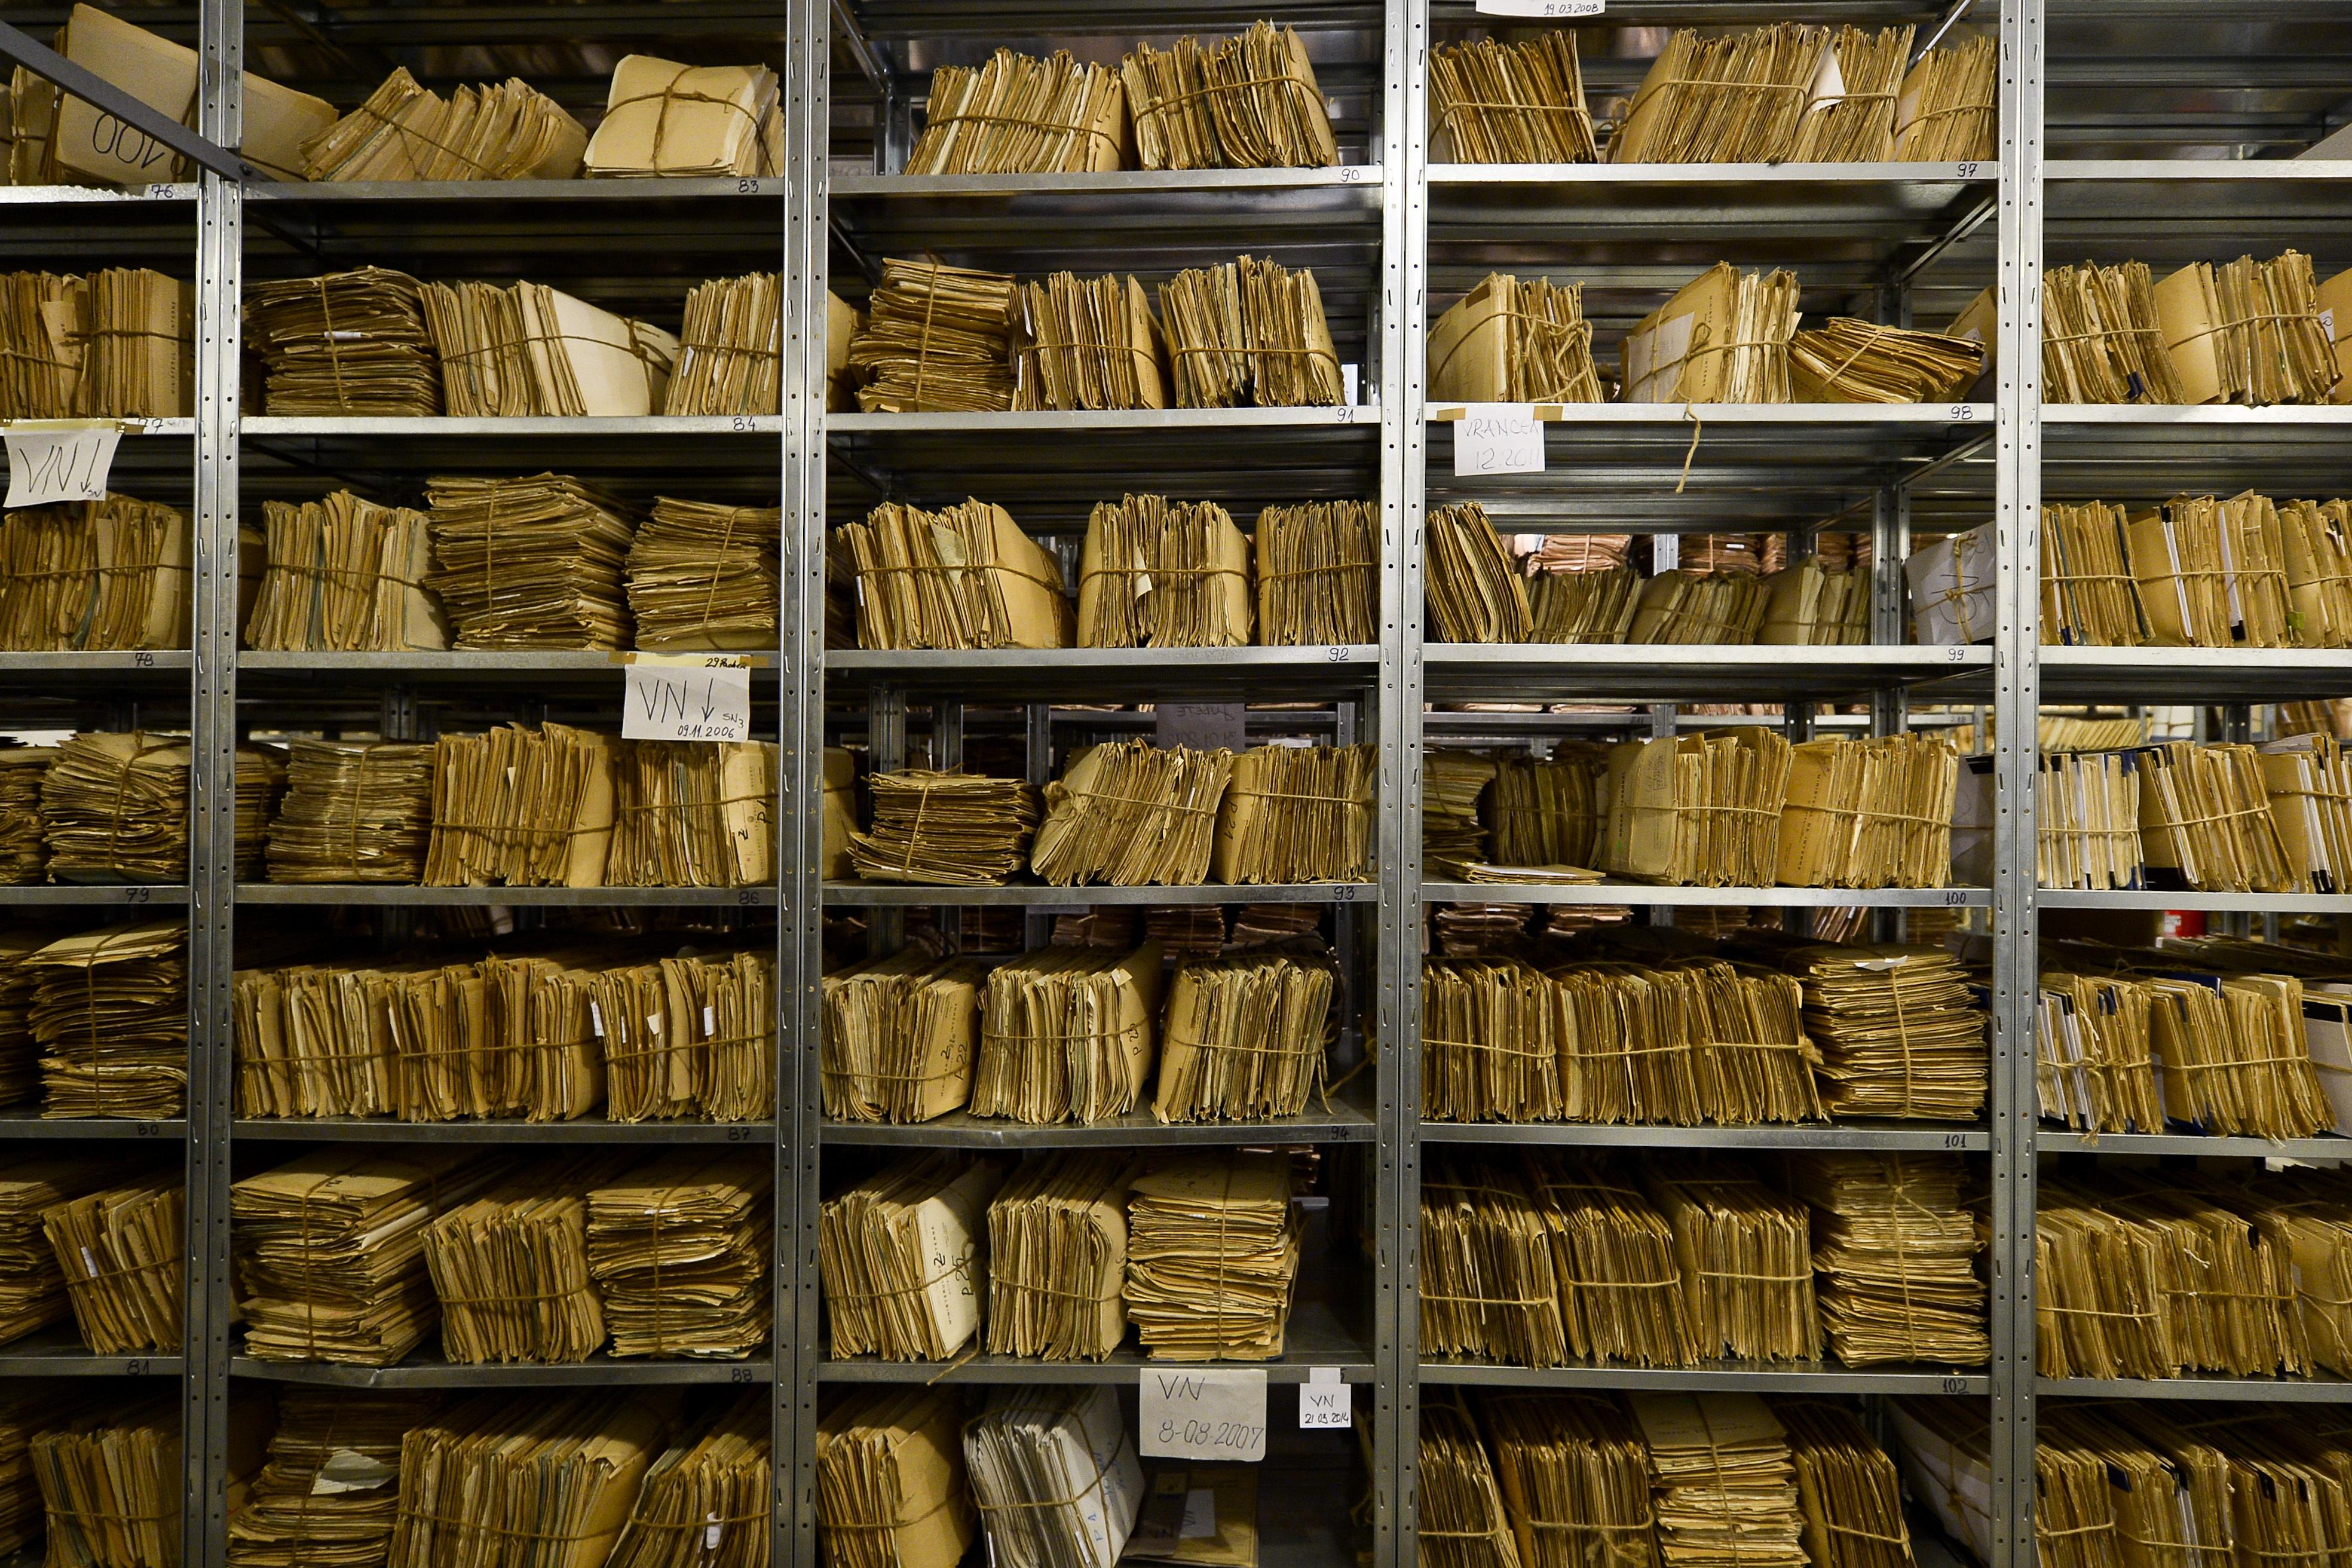 Predoiu, fost ministru al Justiţiei: Intrarea acum în arhiva SIPA va crea suspiciuni, poate şi scurgeri de informaţii